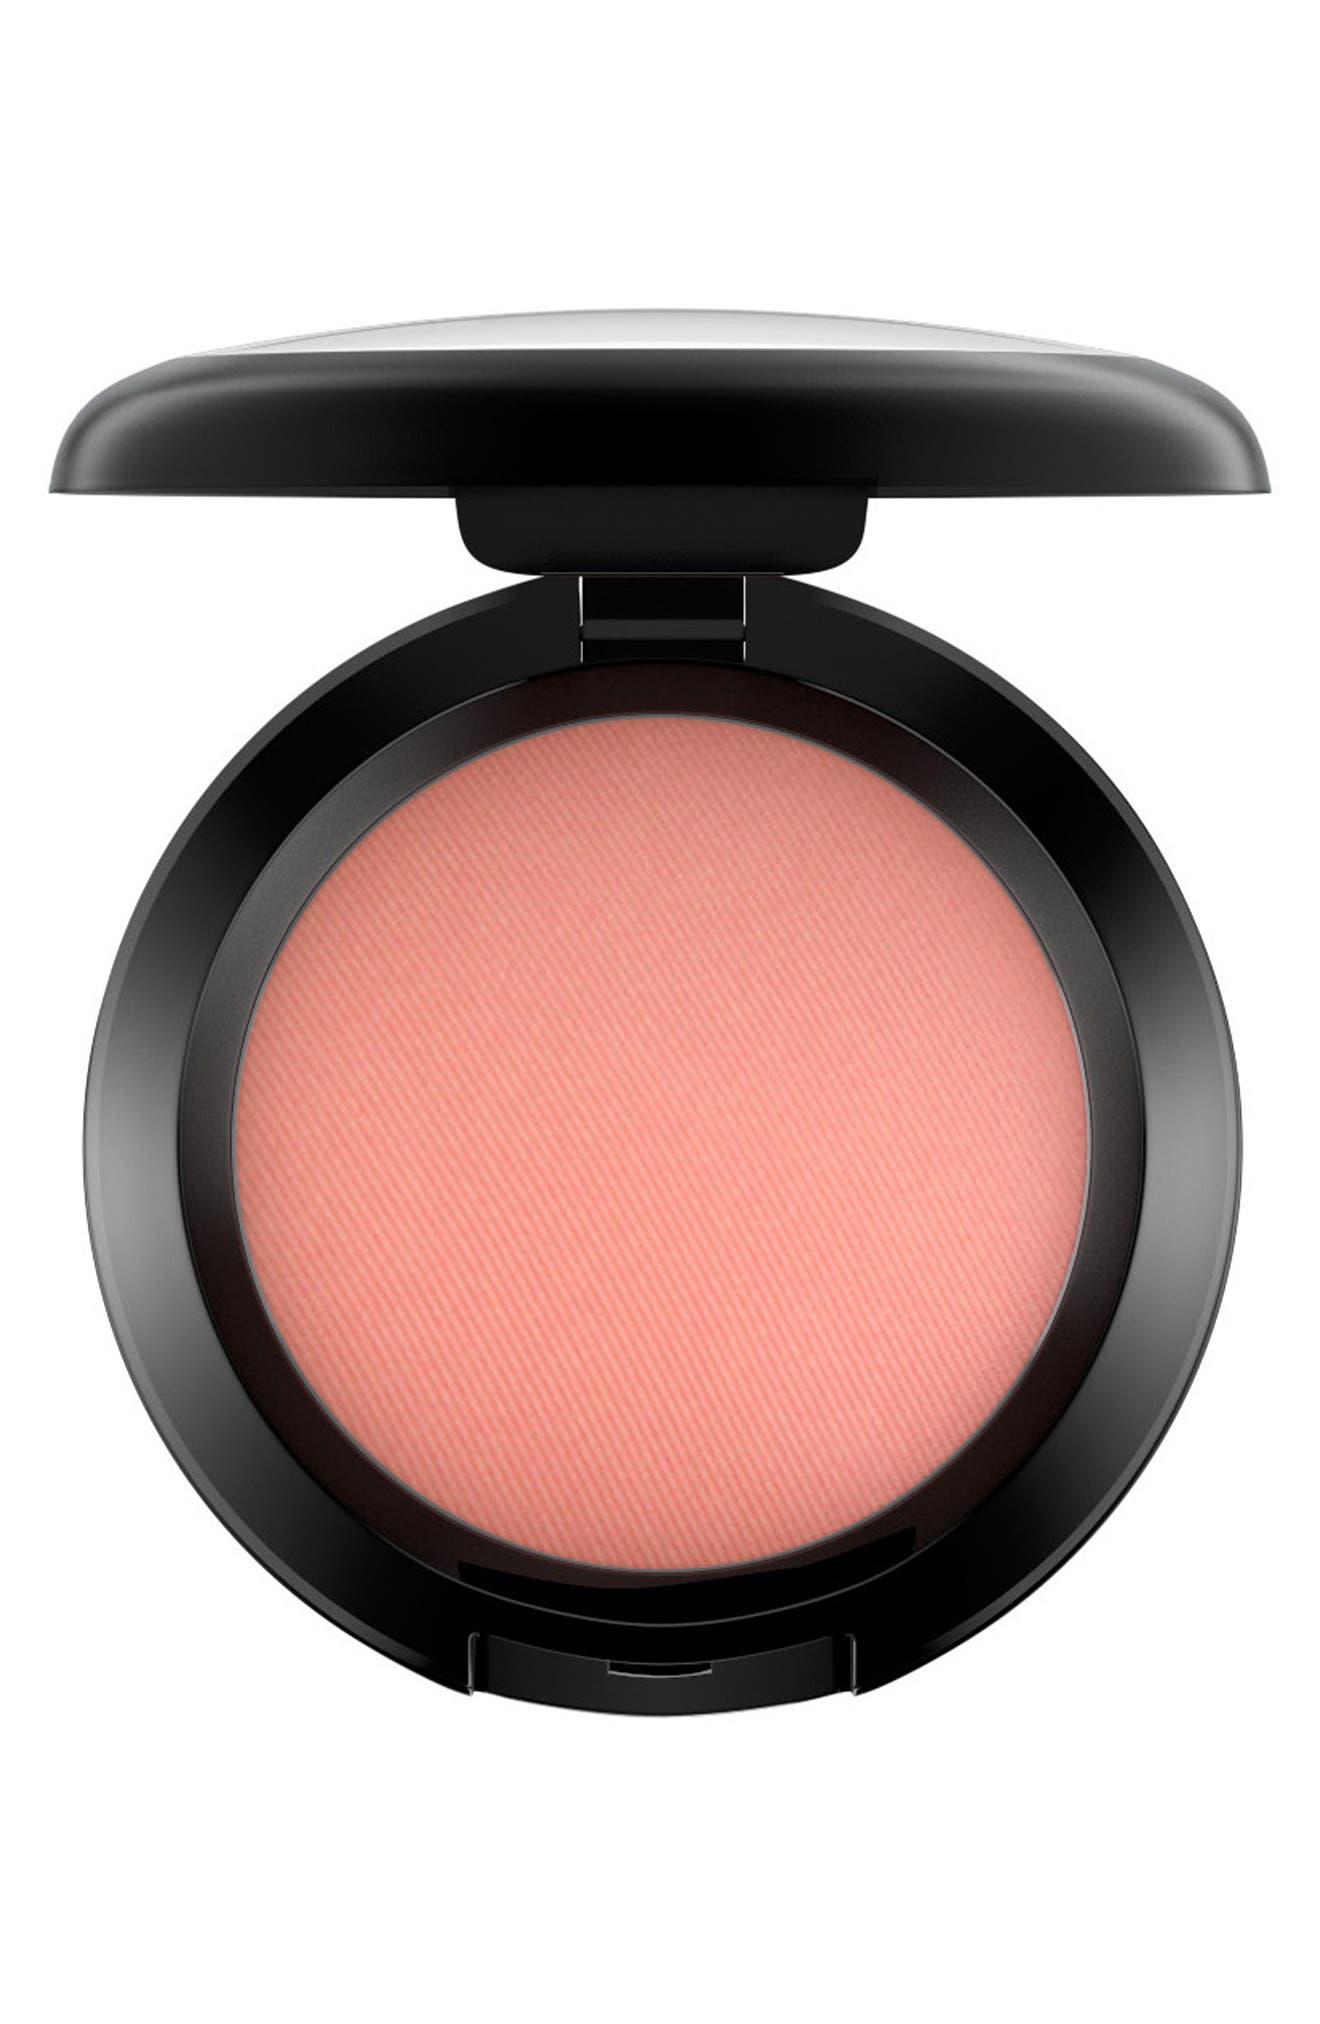 MAC Powder Blush